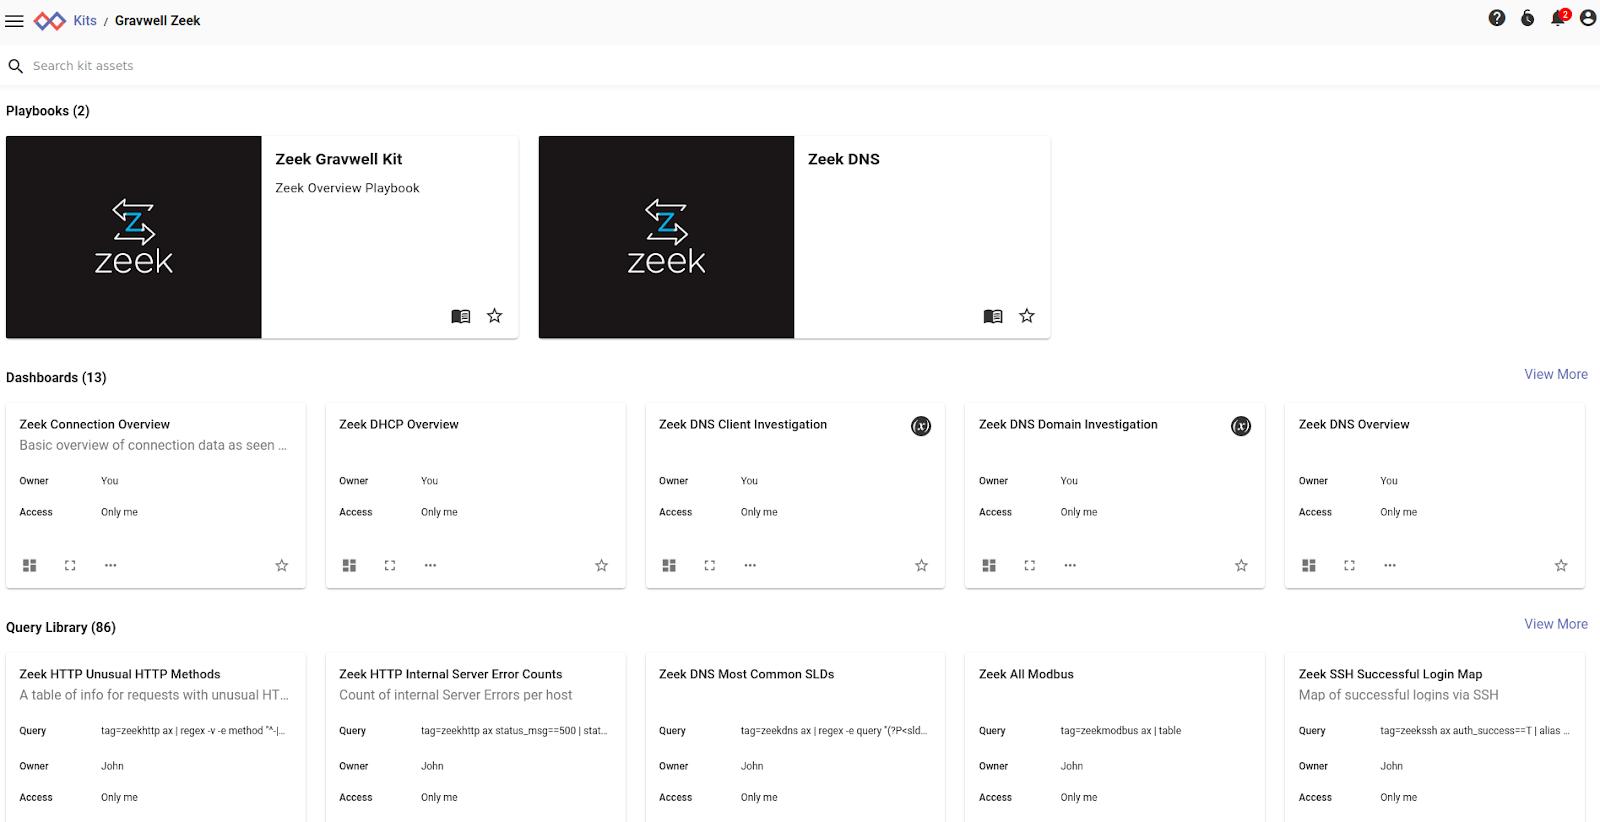 Zeek kit contents